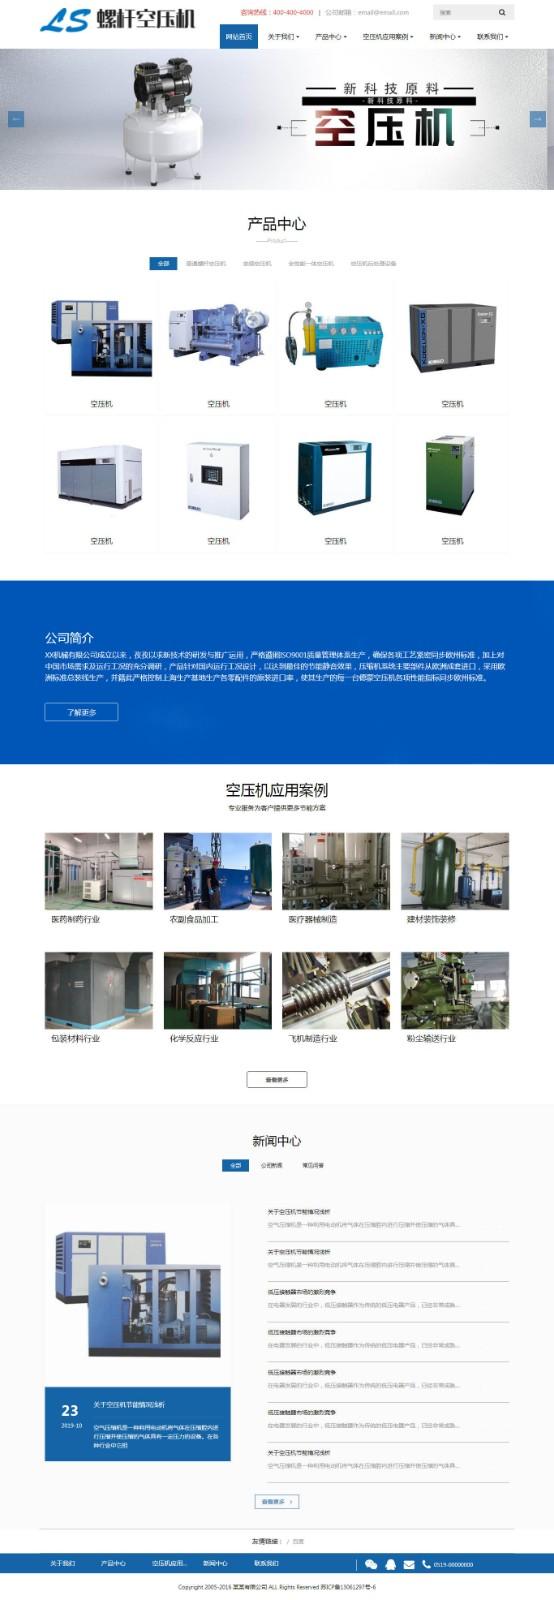 空压机网站建设